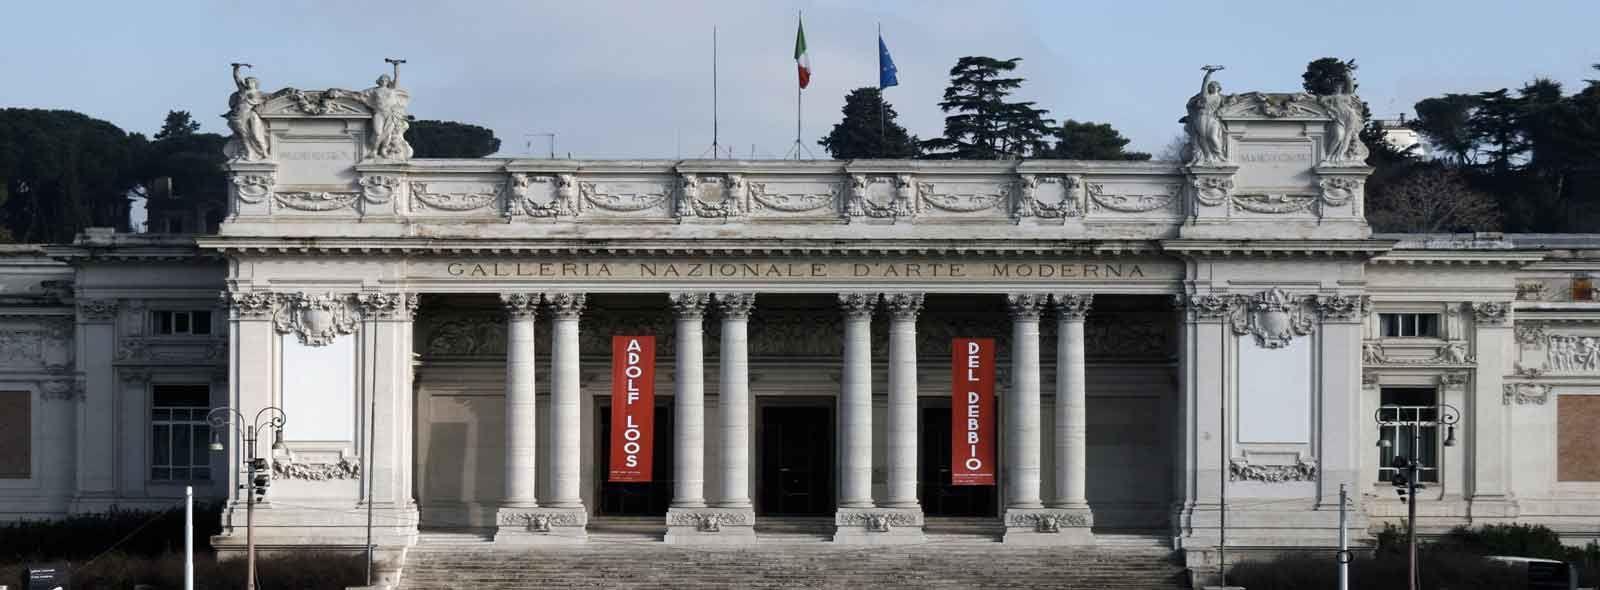 Gallerie d'arte moderna Roma